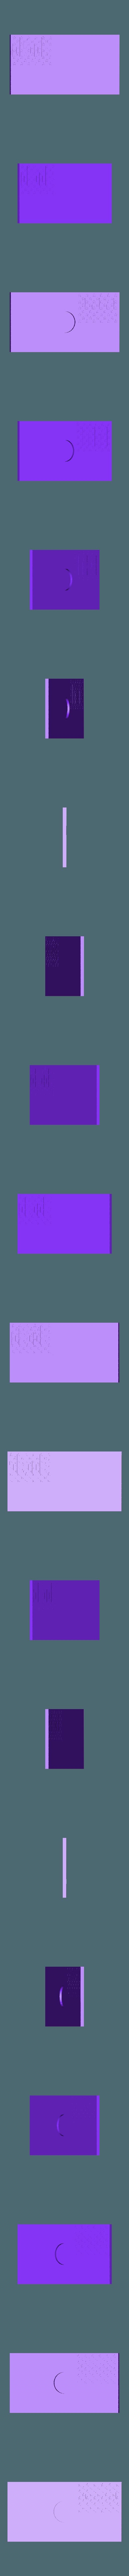 US_Flag_v2-blue-multicolor.stl Download free STL file Remix: US Flag Refrigerator Magnet (Multicolor) • 3D printing template, lowboydrvr